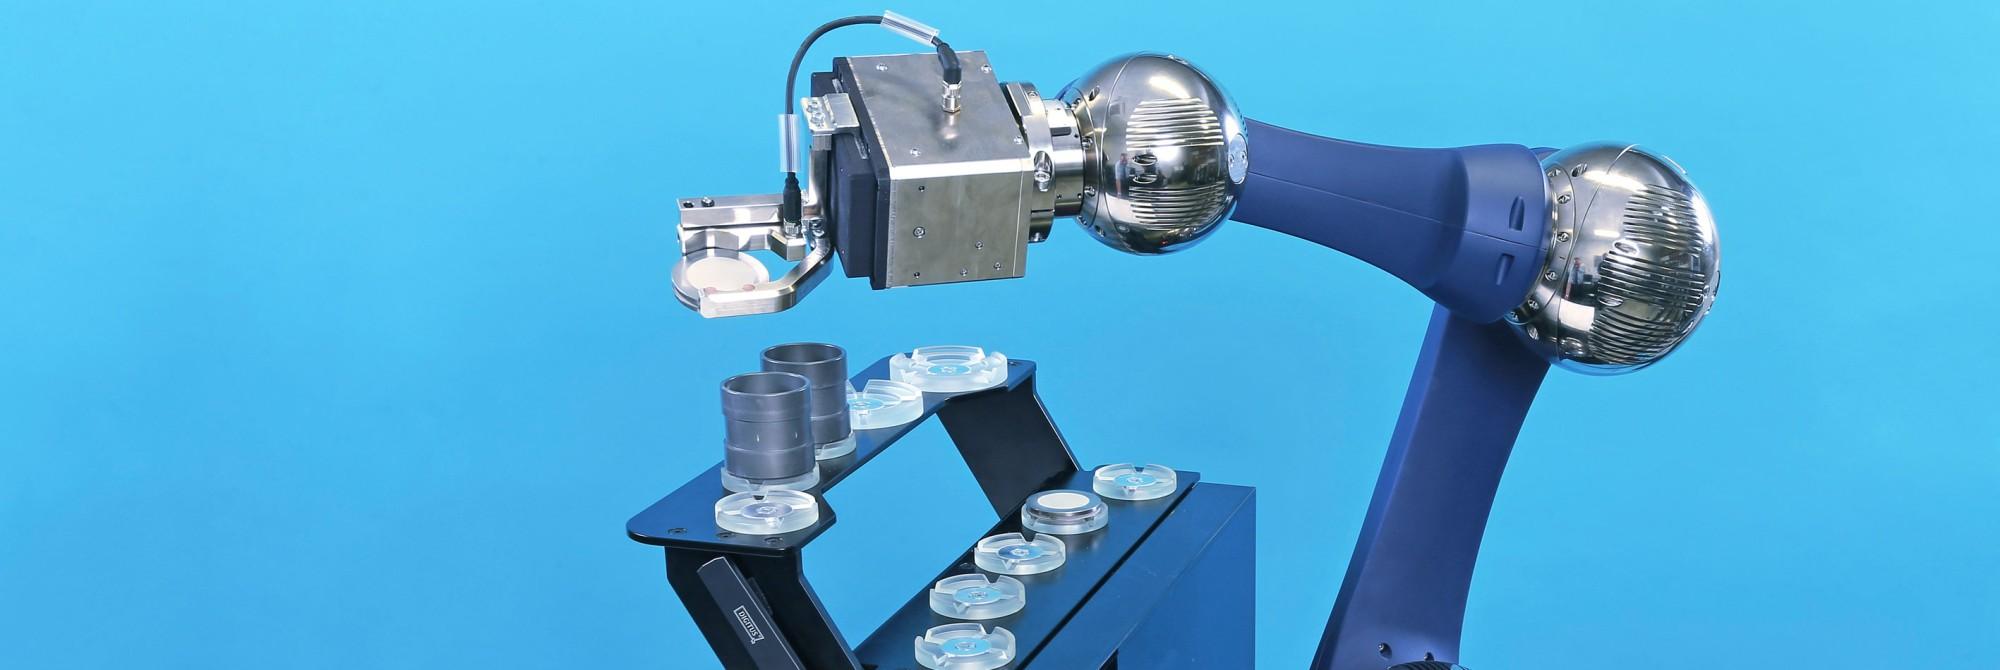 Adaptive mixture control